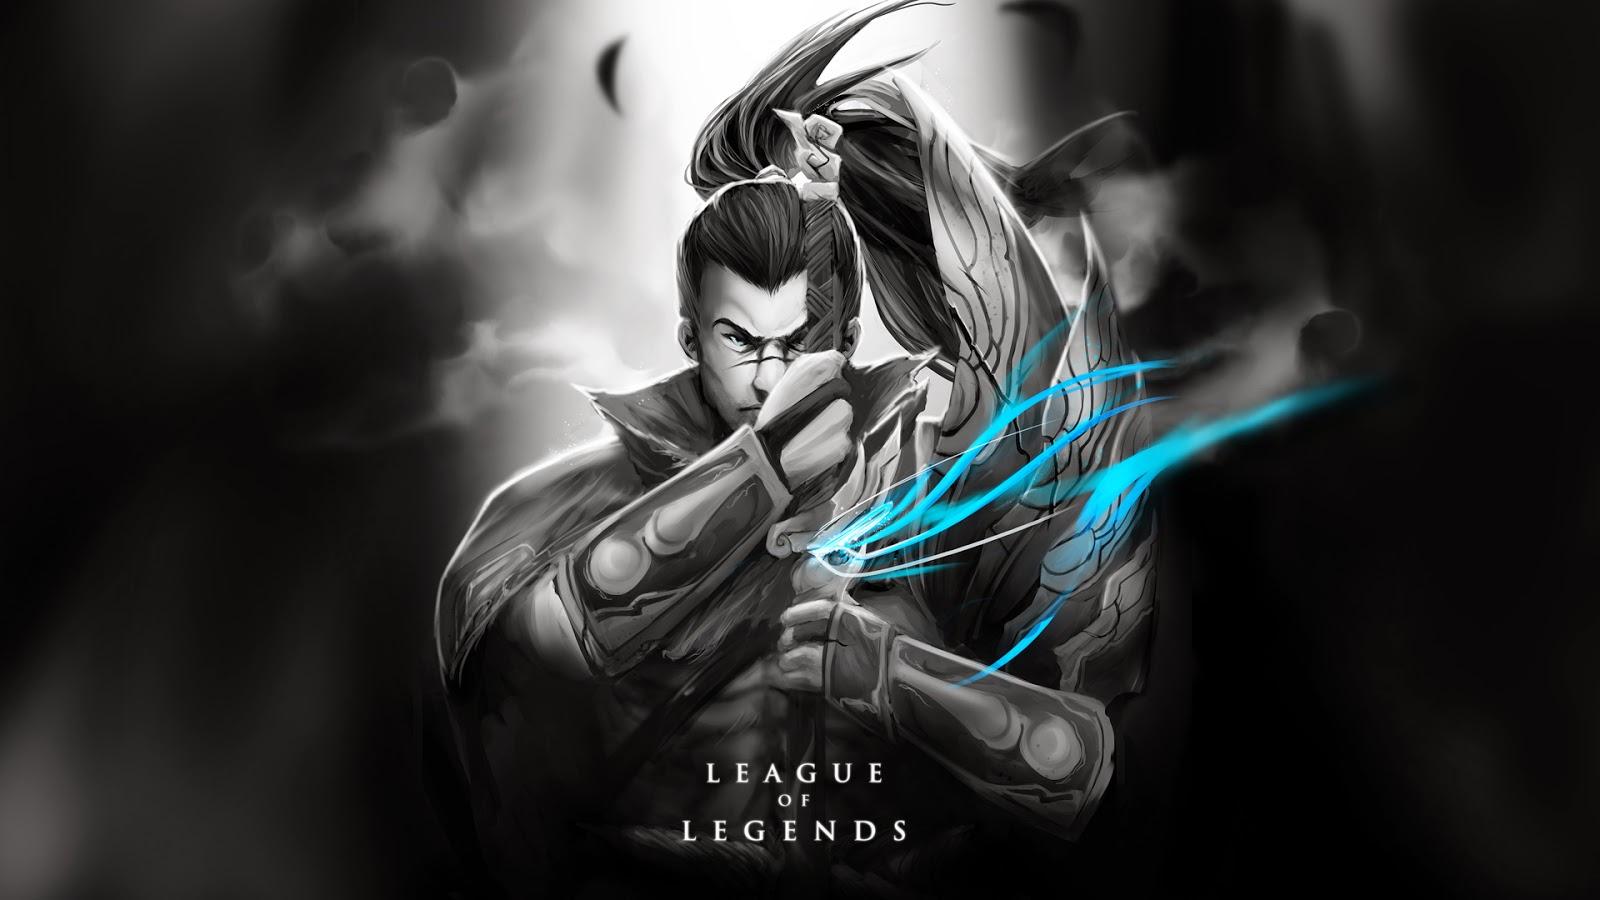 Leaguze of legends